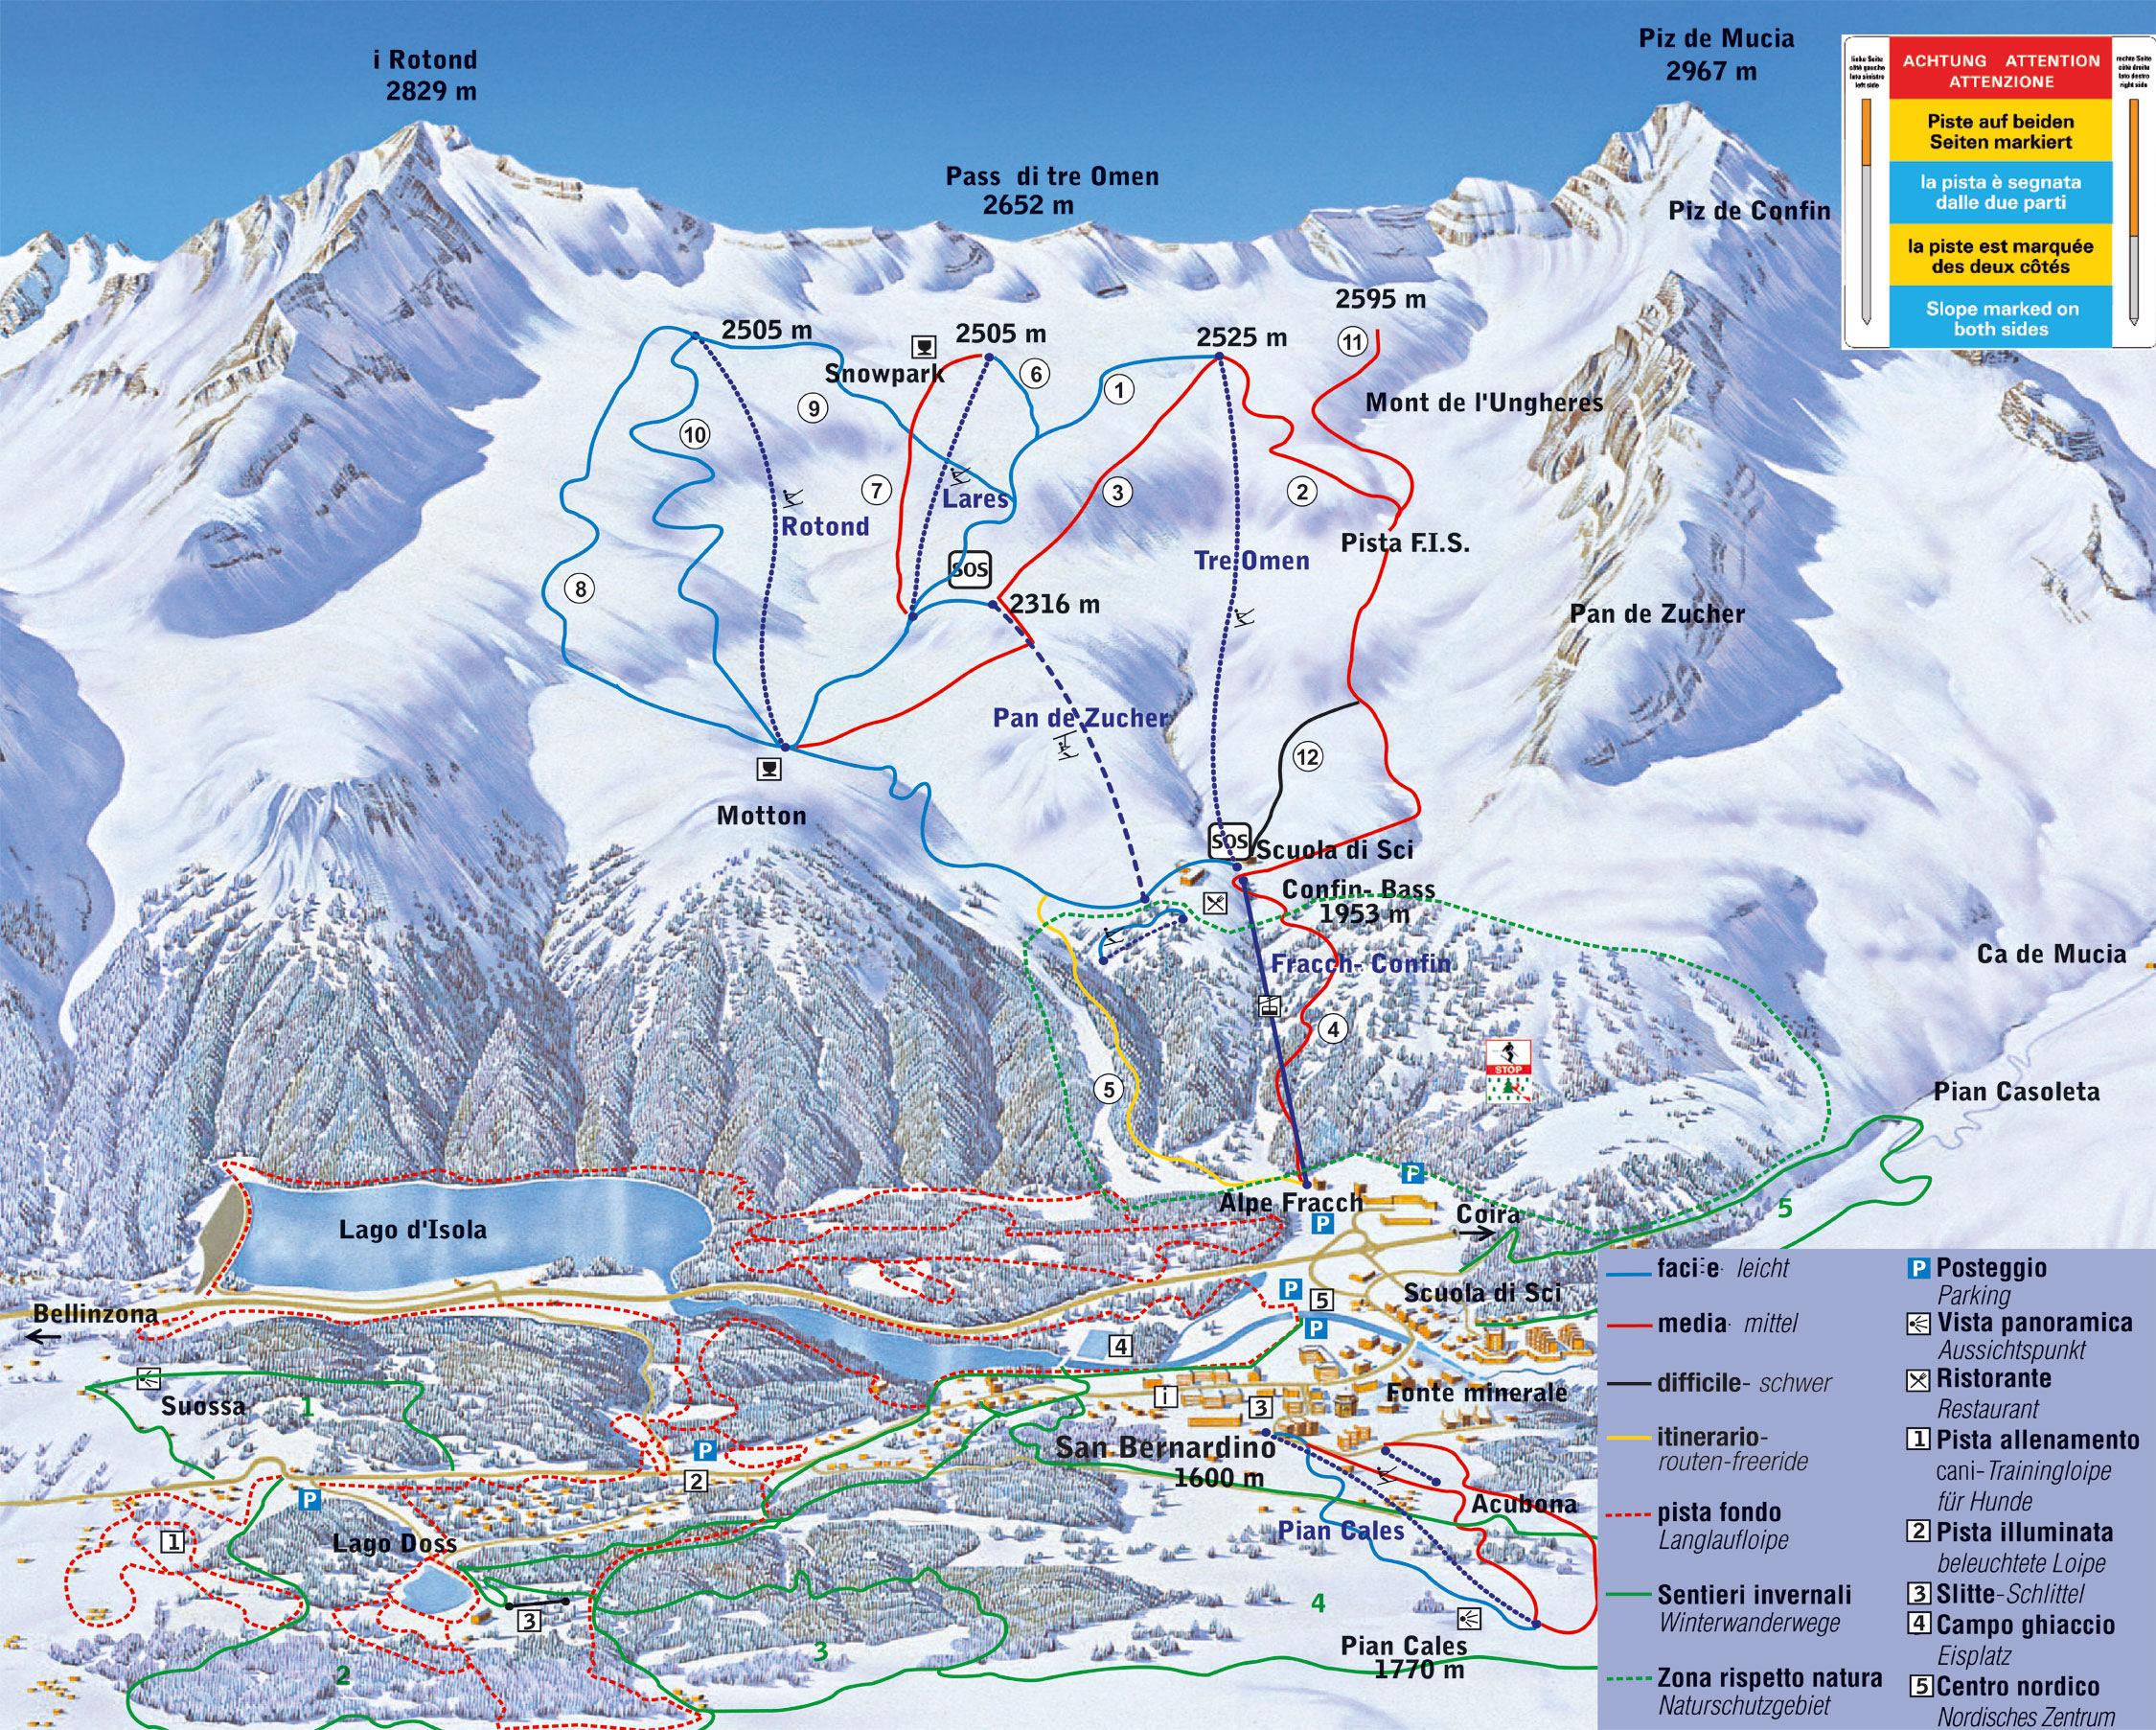 Ski and snowboard San Bernardino - winter sports in and near San ...